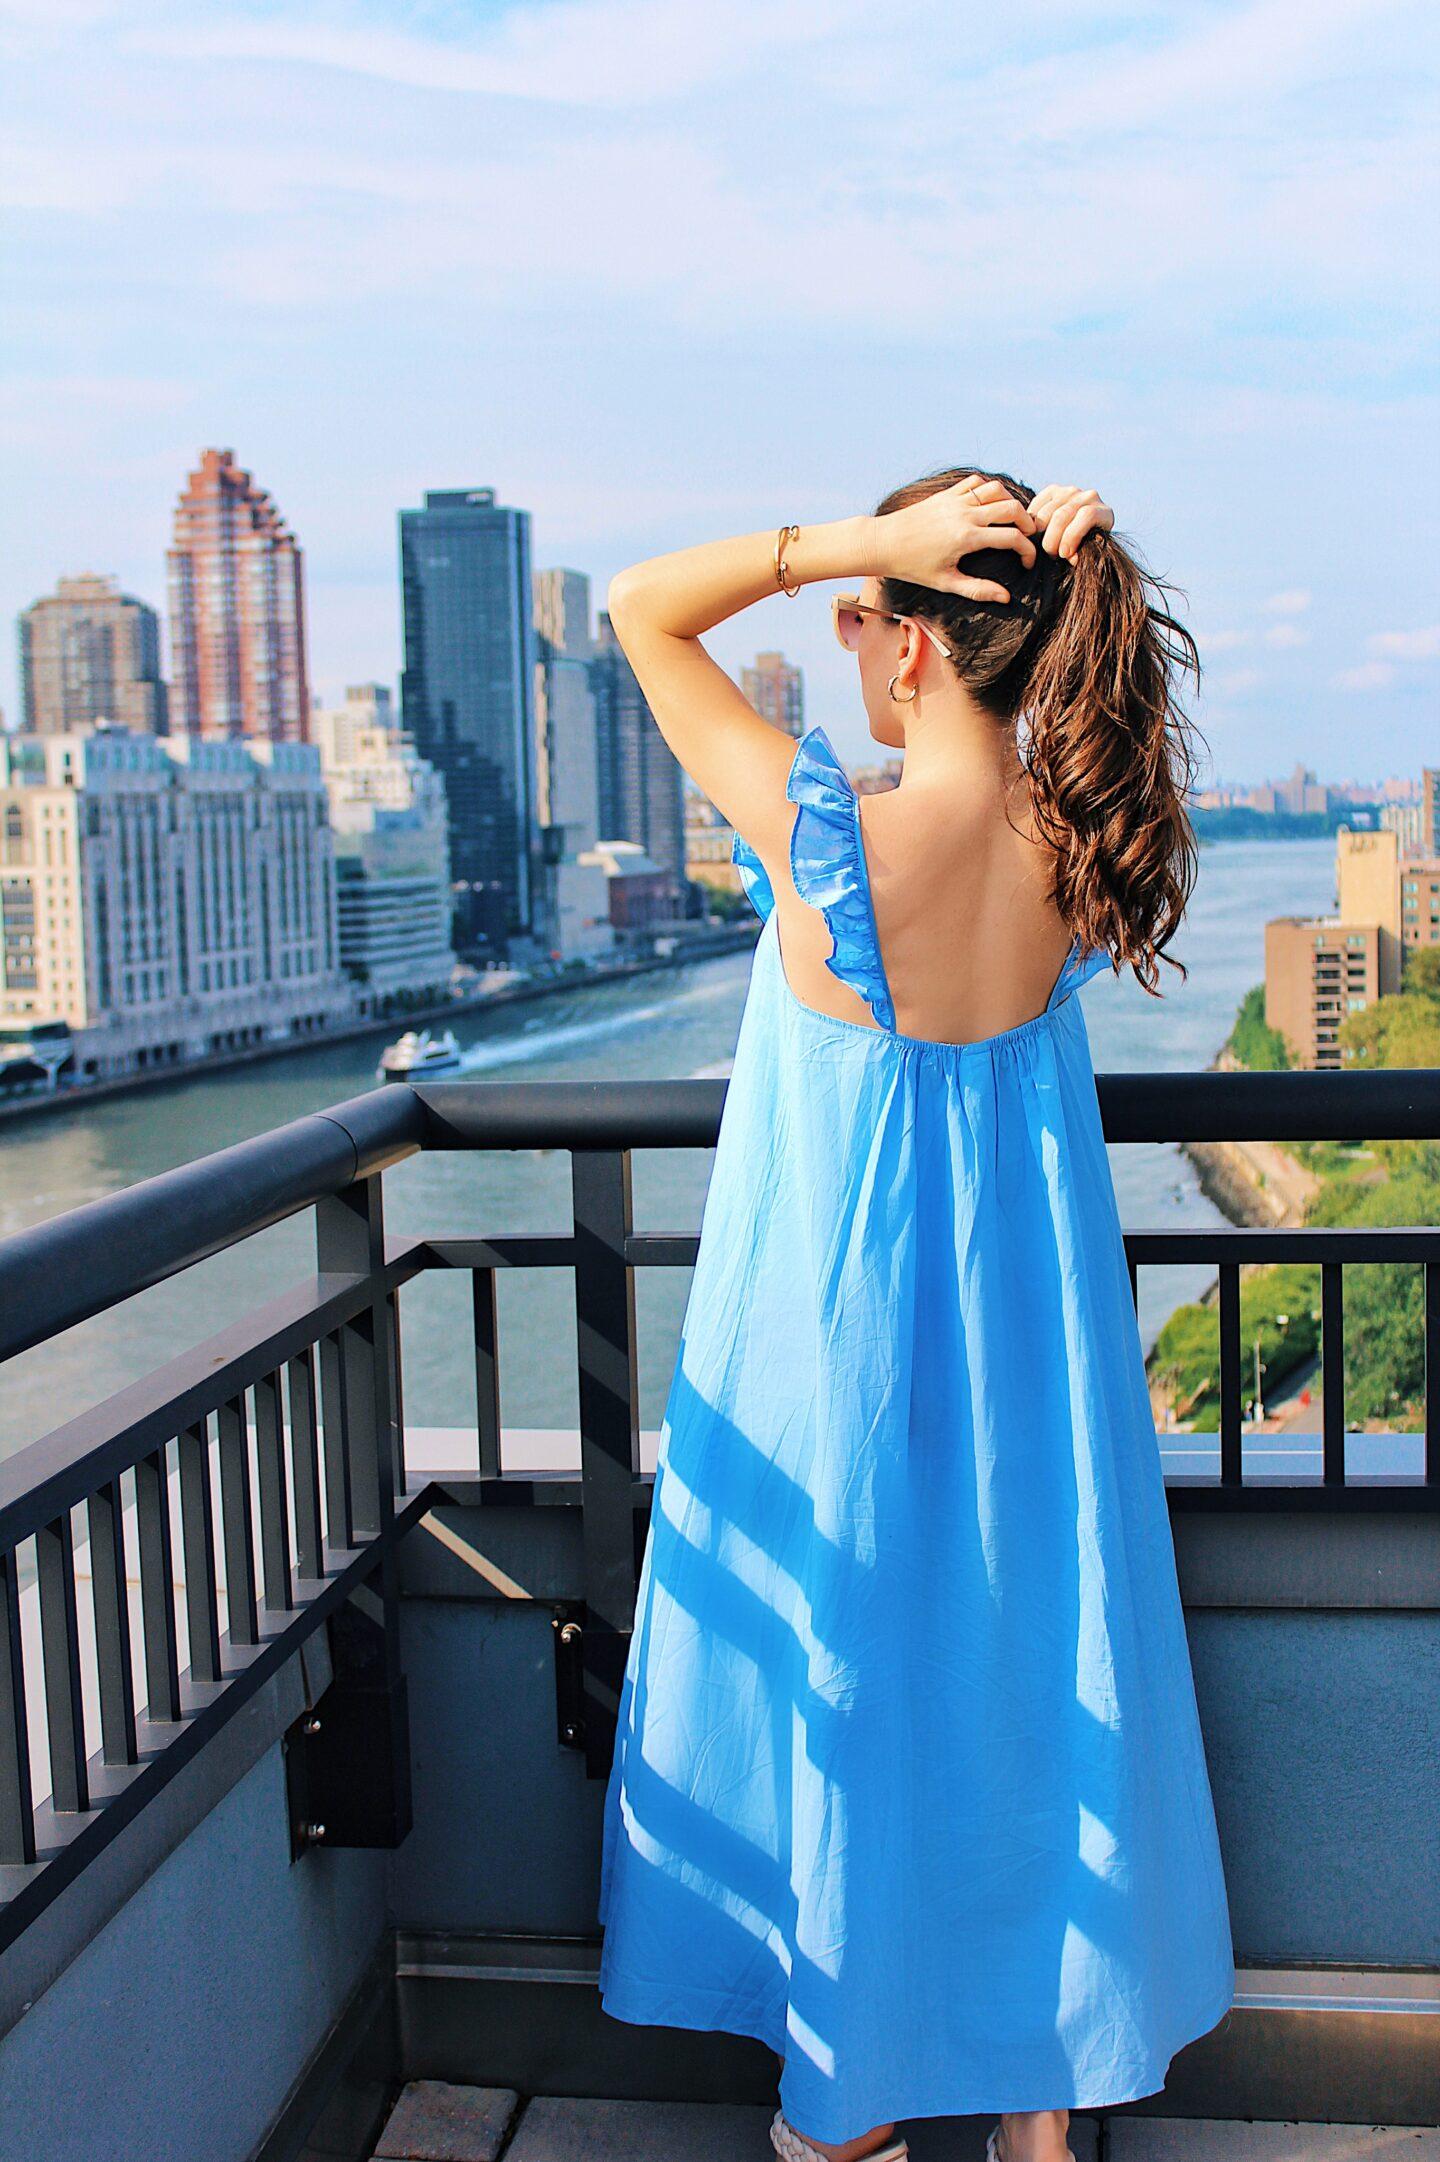 Ana Florentina wearing blue maxi dress